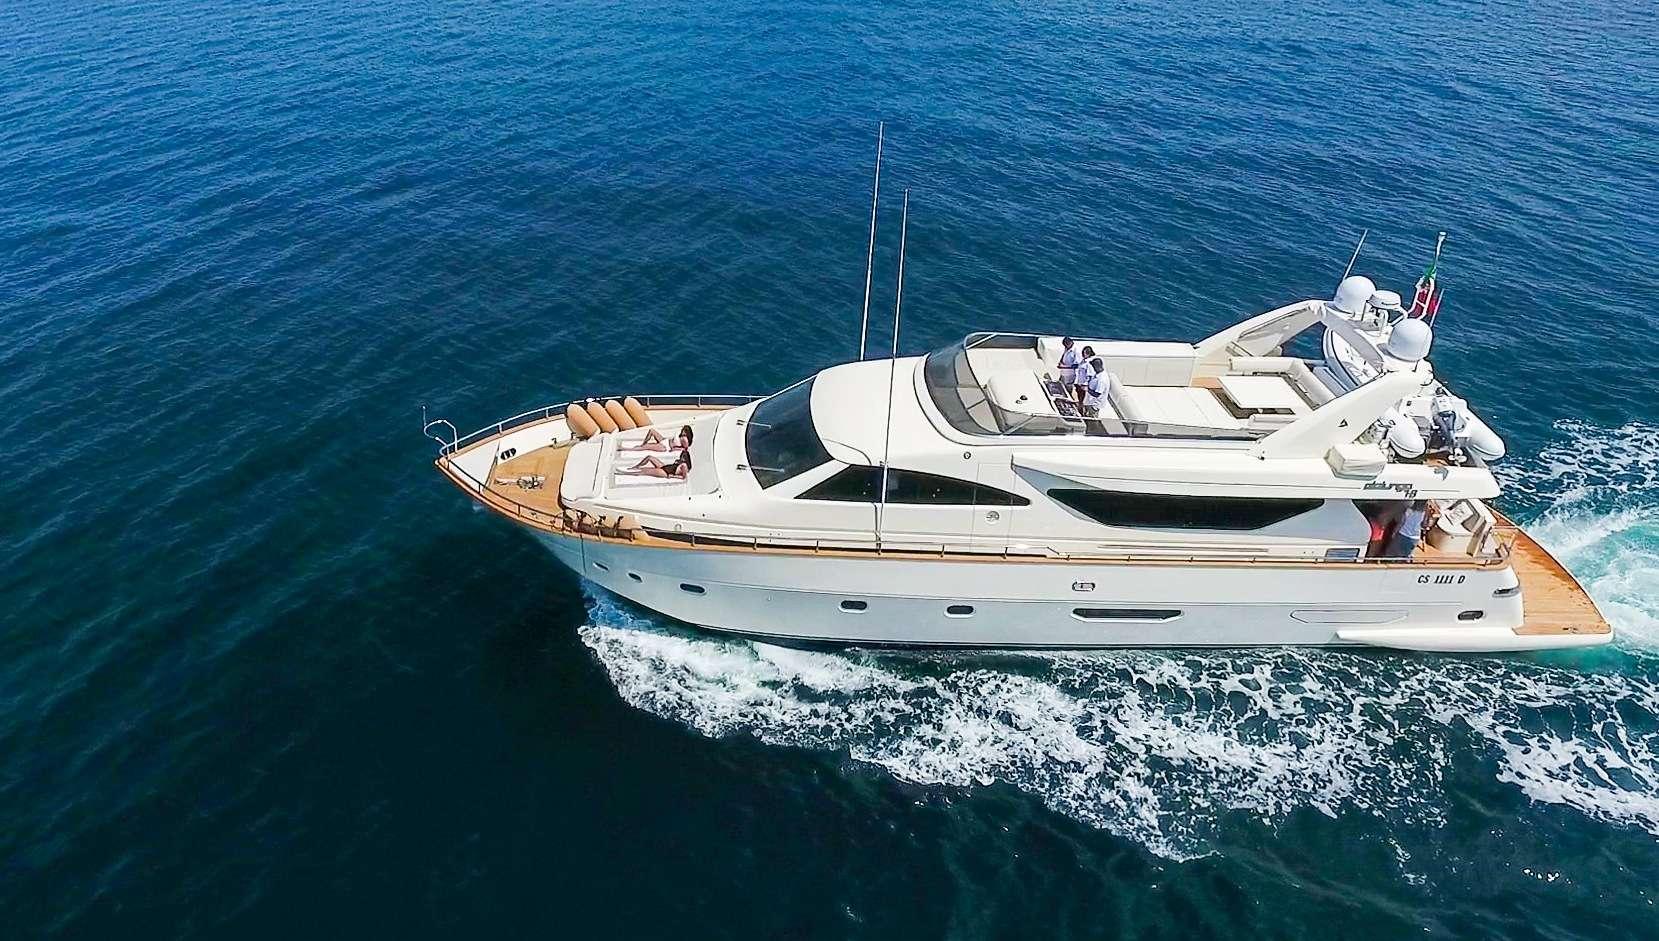 M/Y Riviera at anchor